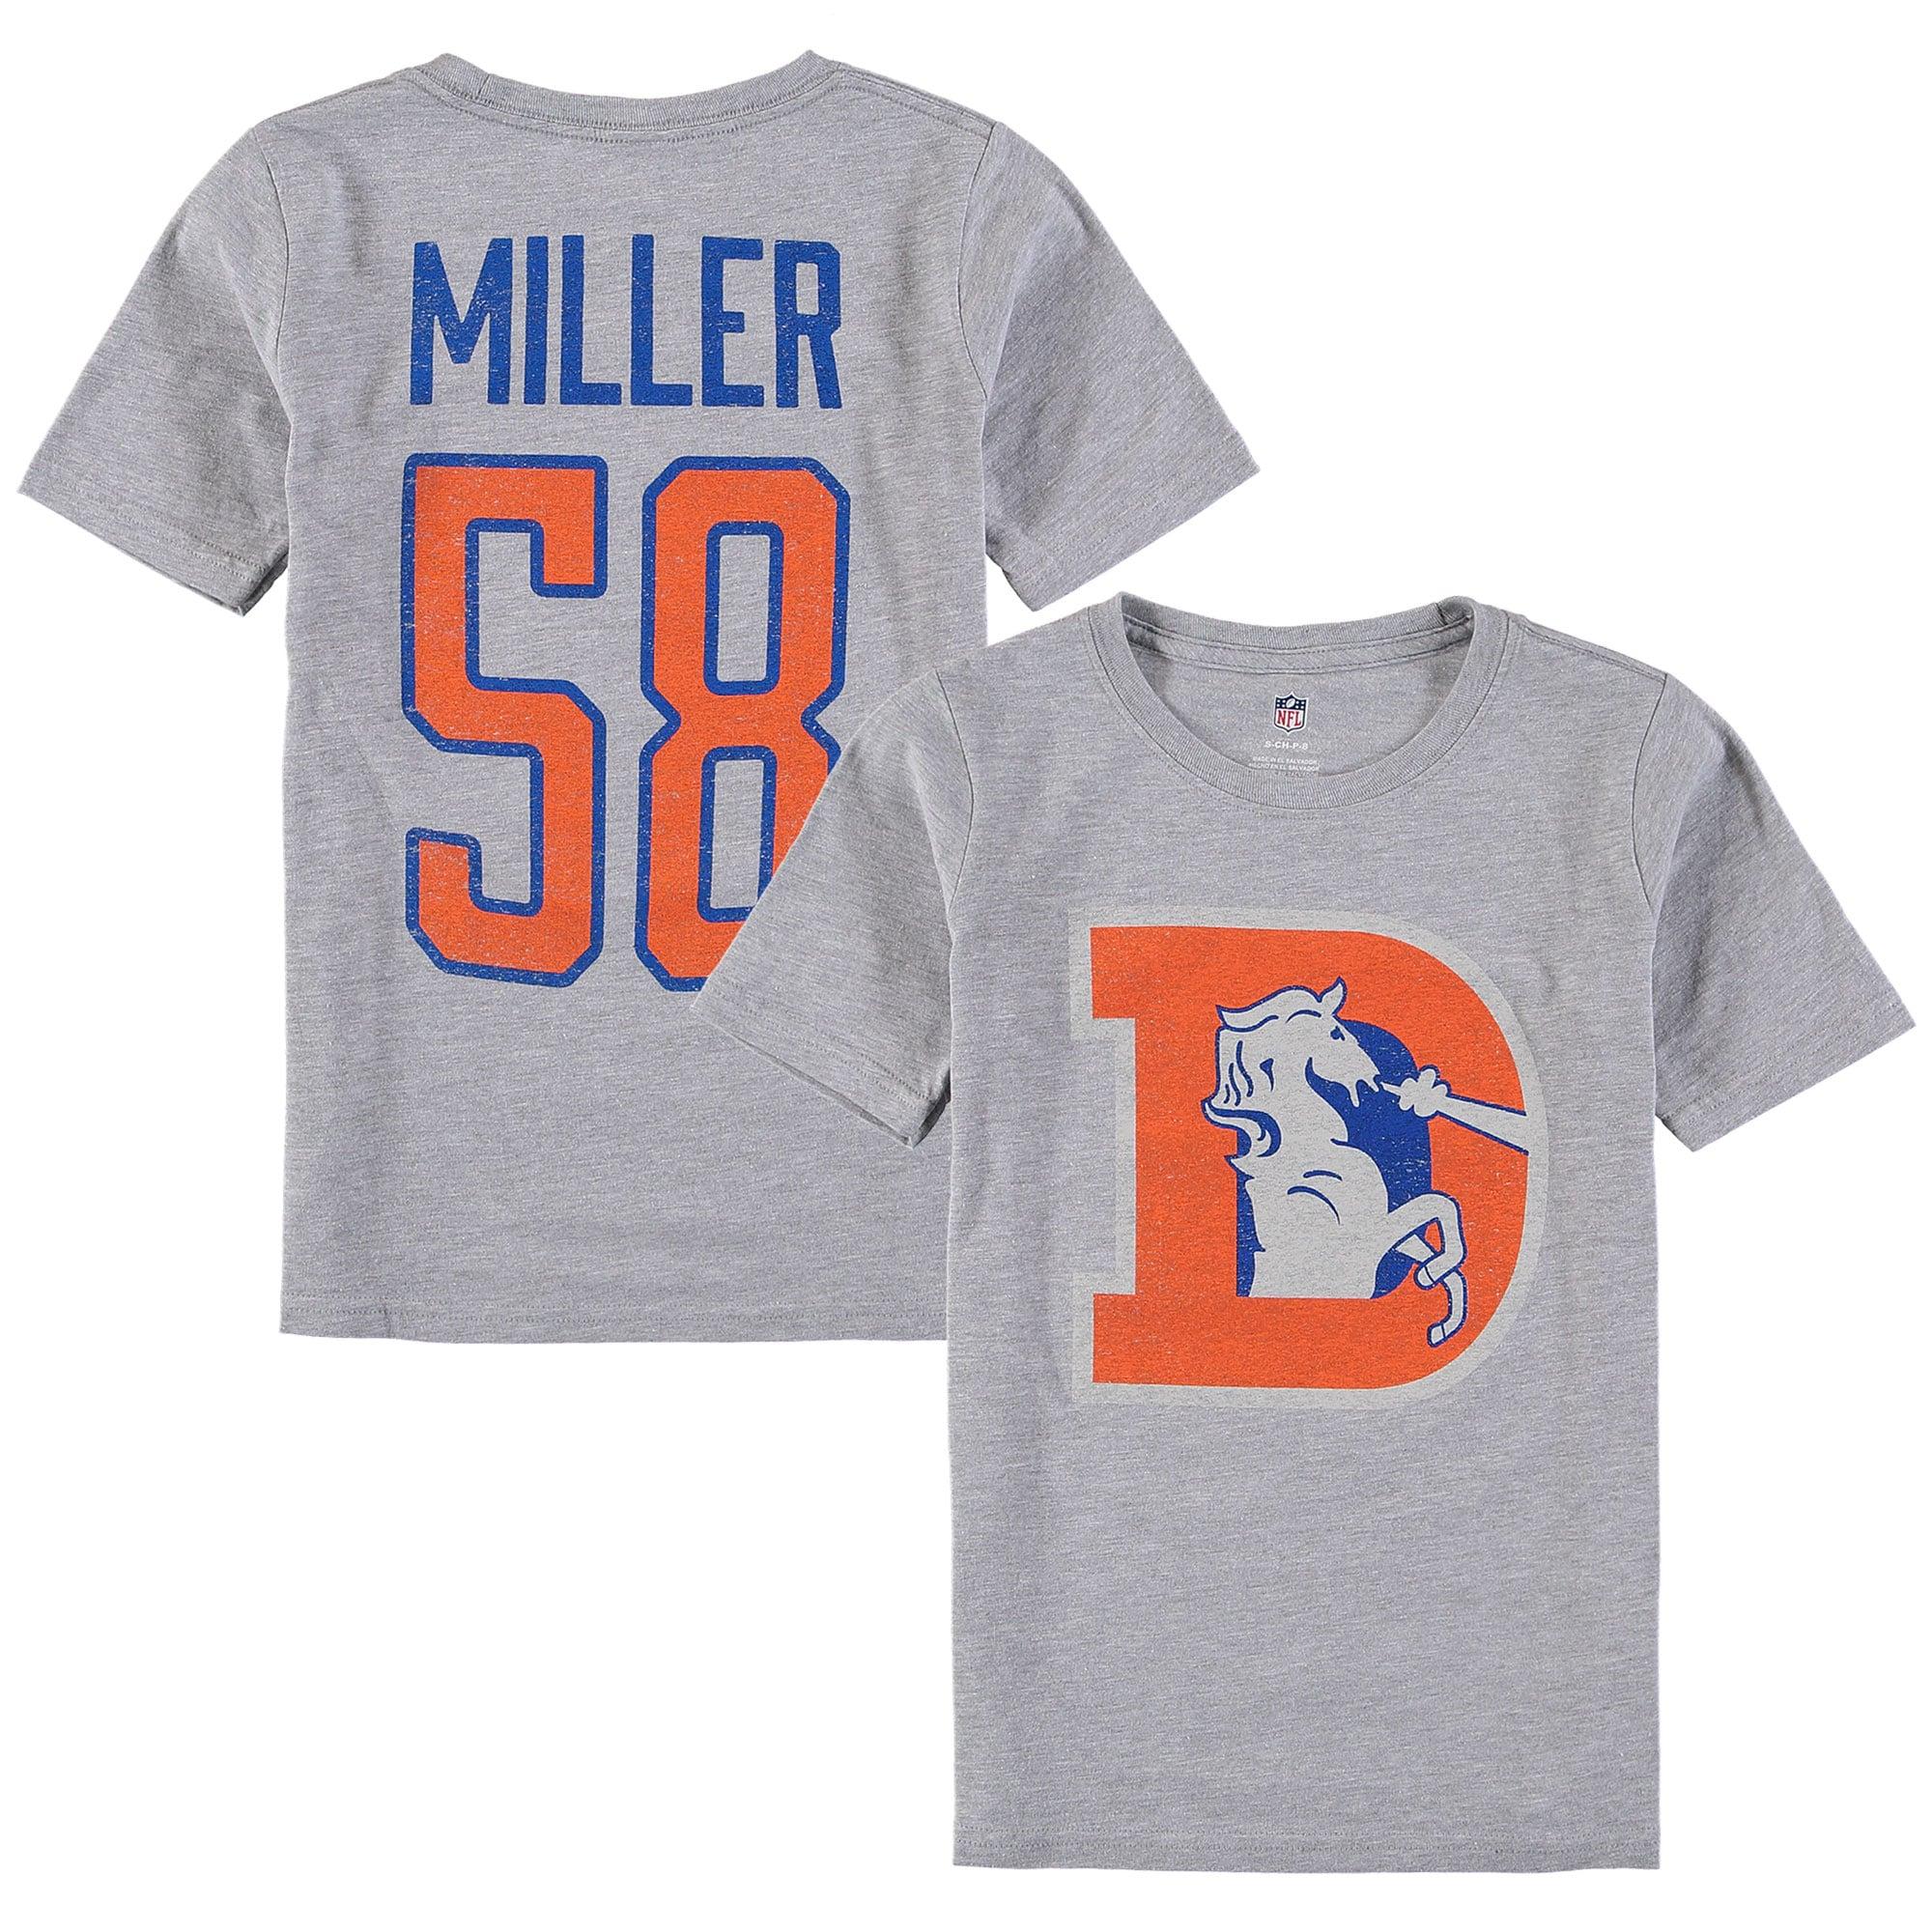 Von Miller Denver Broncos Youth Vintage Distressed Name & Number T-Shirt - Heathered Gray